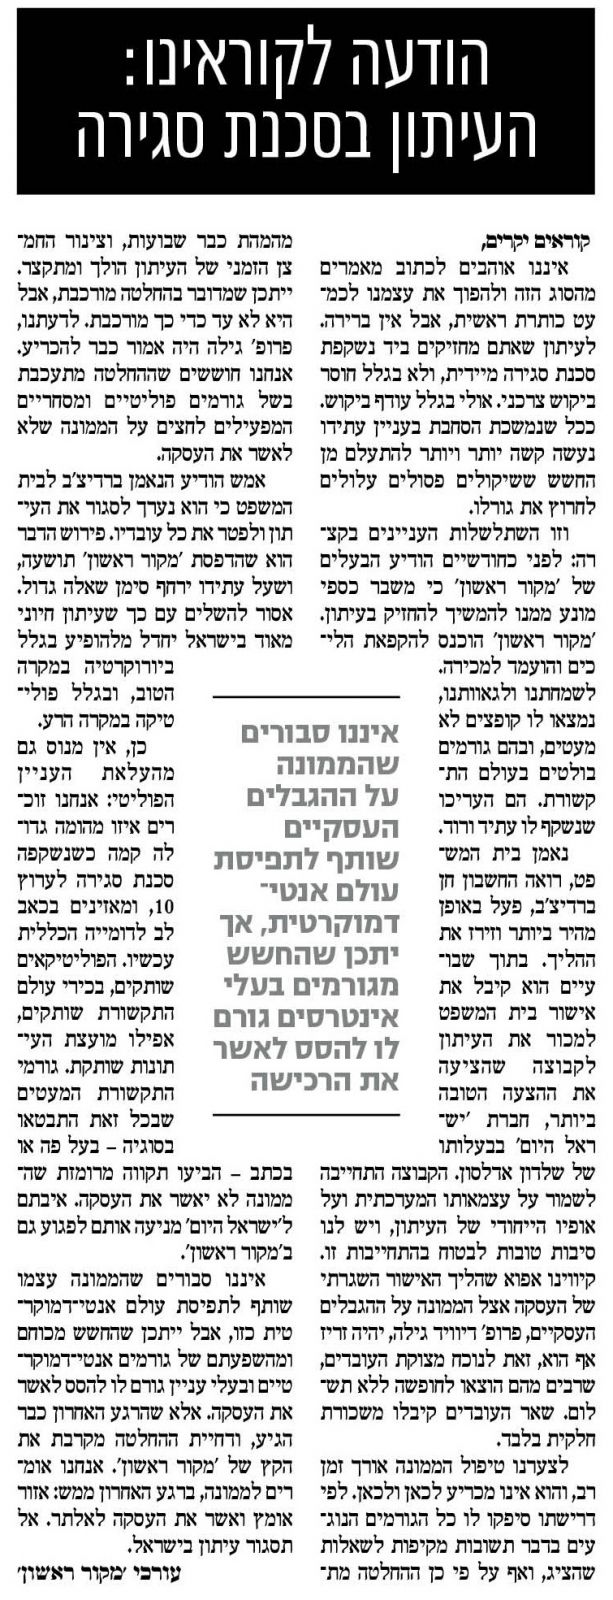 """בקשת הסיוע של עיתונאי """"מקור ראשון"""" כפי שהתפרסמה בעמוד השער, 25.4.14"""